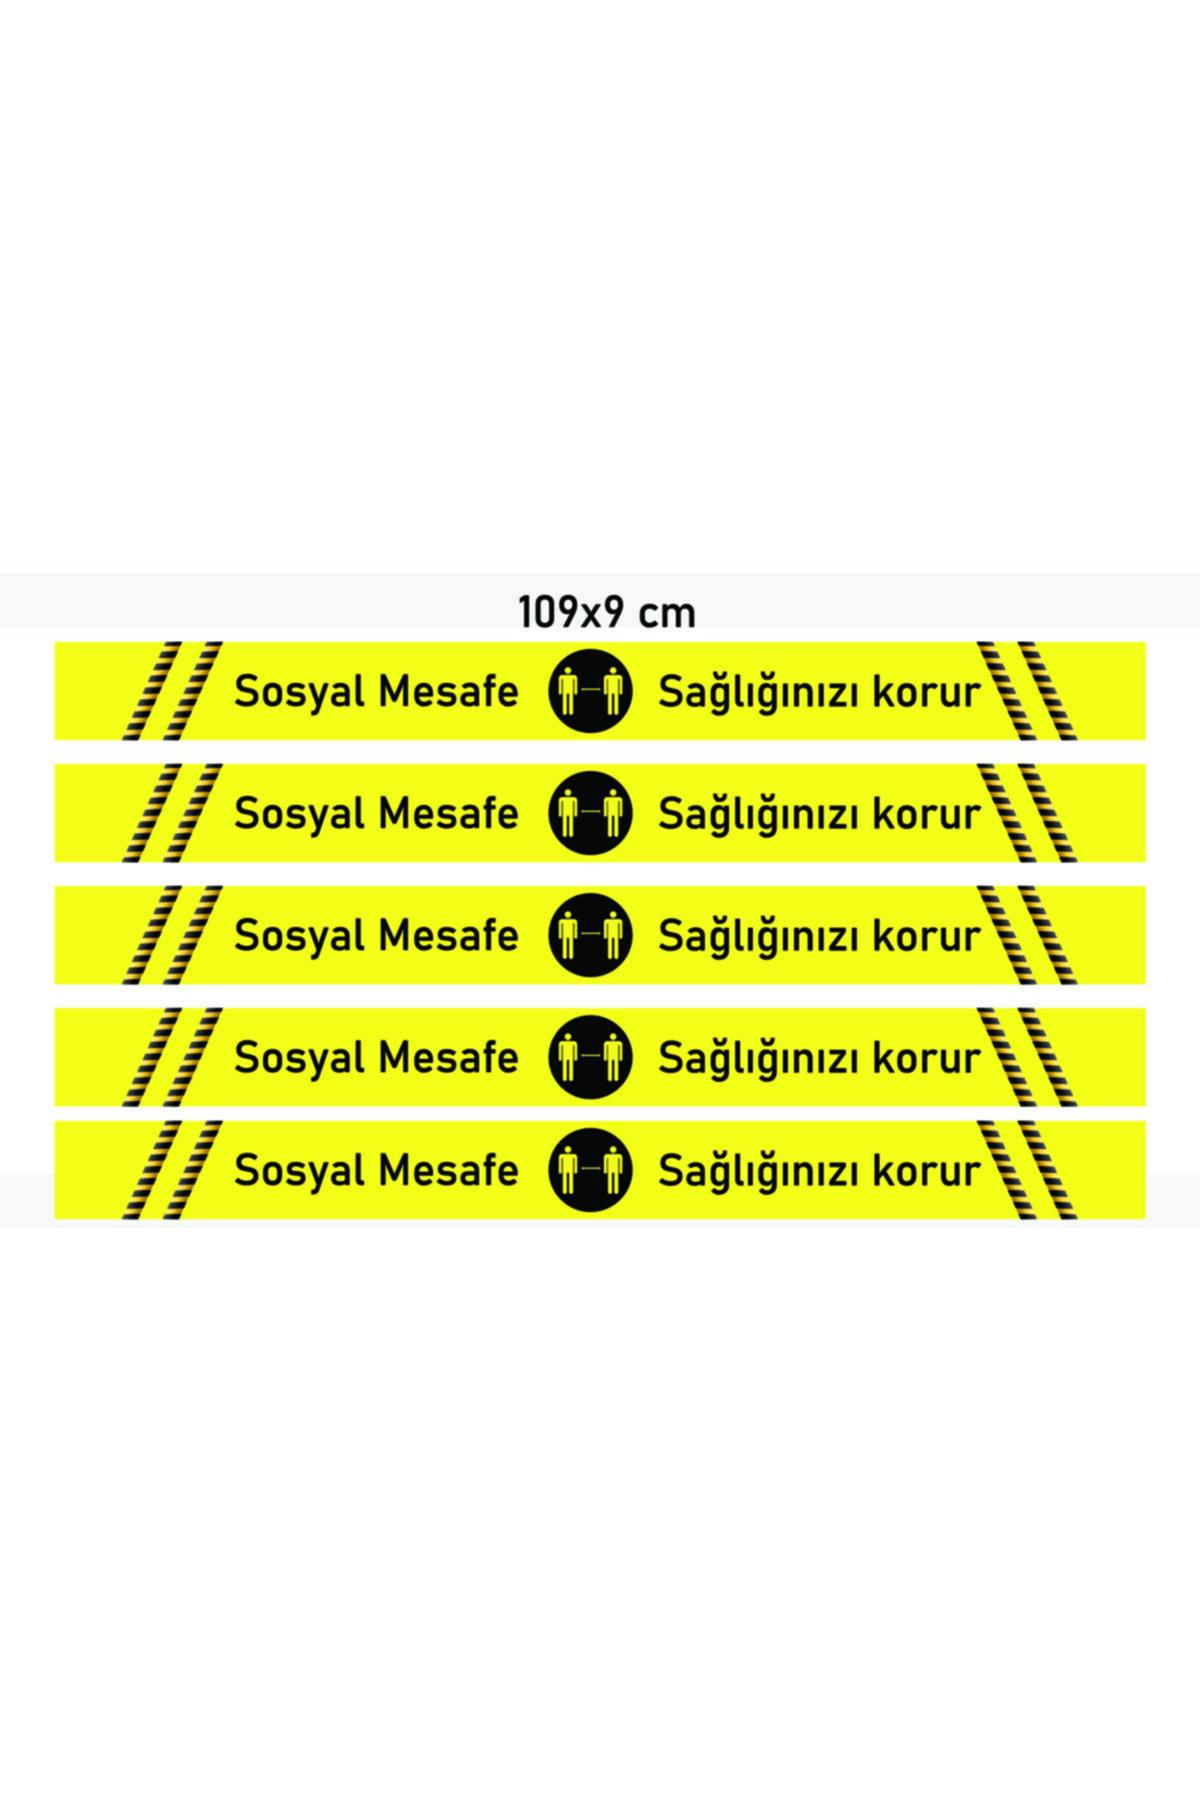 ELF Sosyal Mesafe Uyarı Sticker Yer Şerit Bant 5 Adet 2